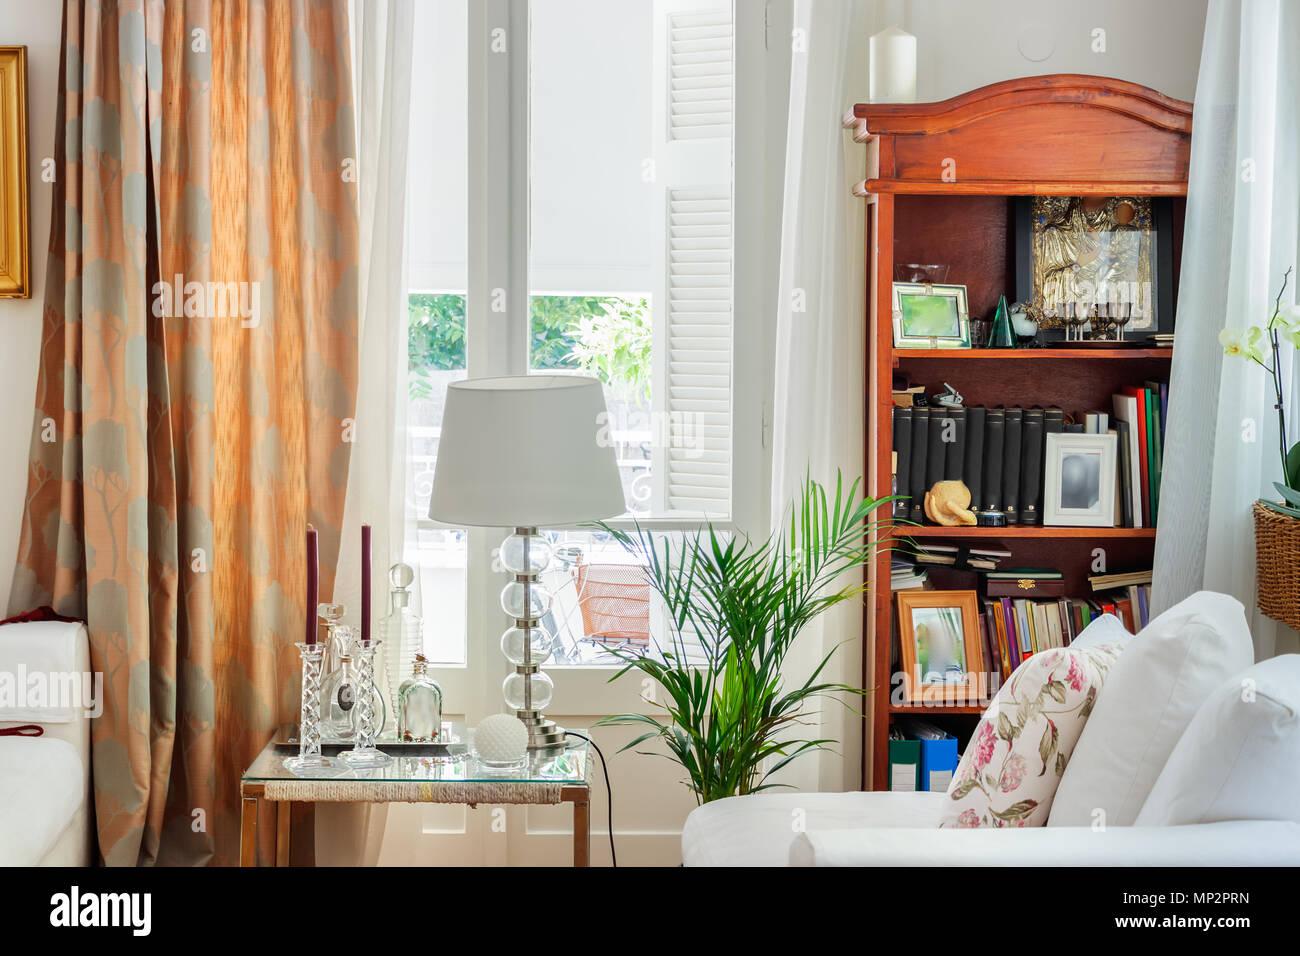 Tende Per Interni Stile Country : Dettaglio di un salotto interno inglese in stile country con